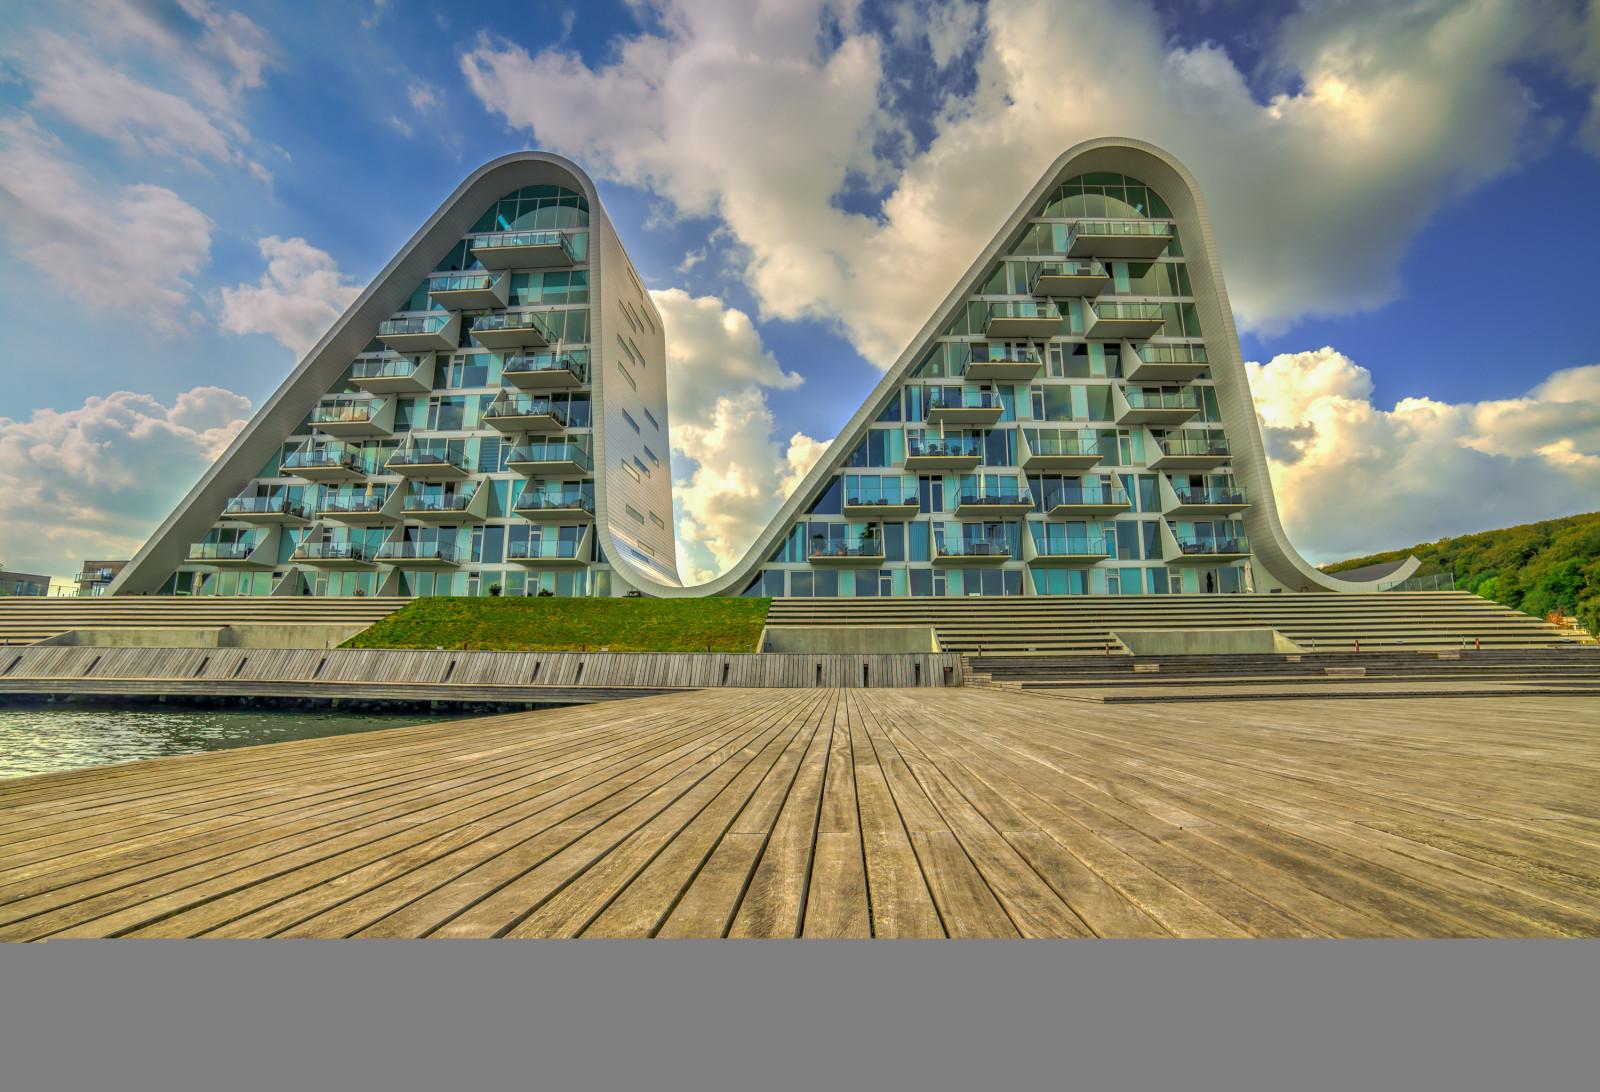 배경 화면 : 건축물, 현대, 덴마크, 항구 전면, HDR, 아파트, 베일, 물결, B lgen, 헤닝 라르센 건축가, 삼양 14 3000x2048 - - 684624 ...